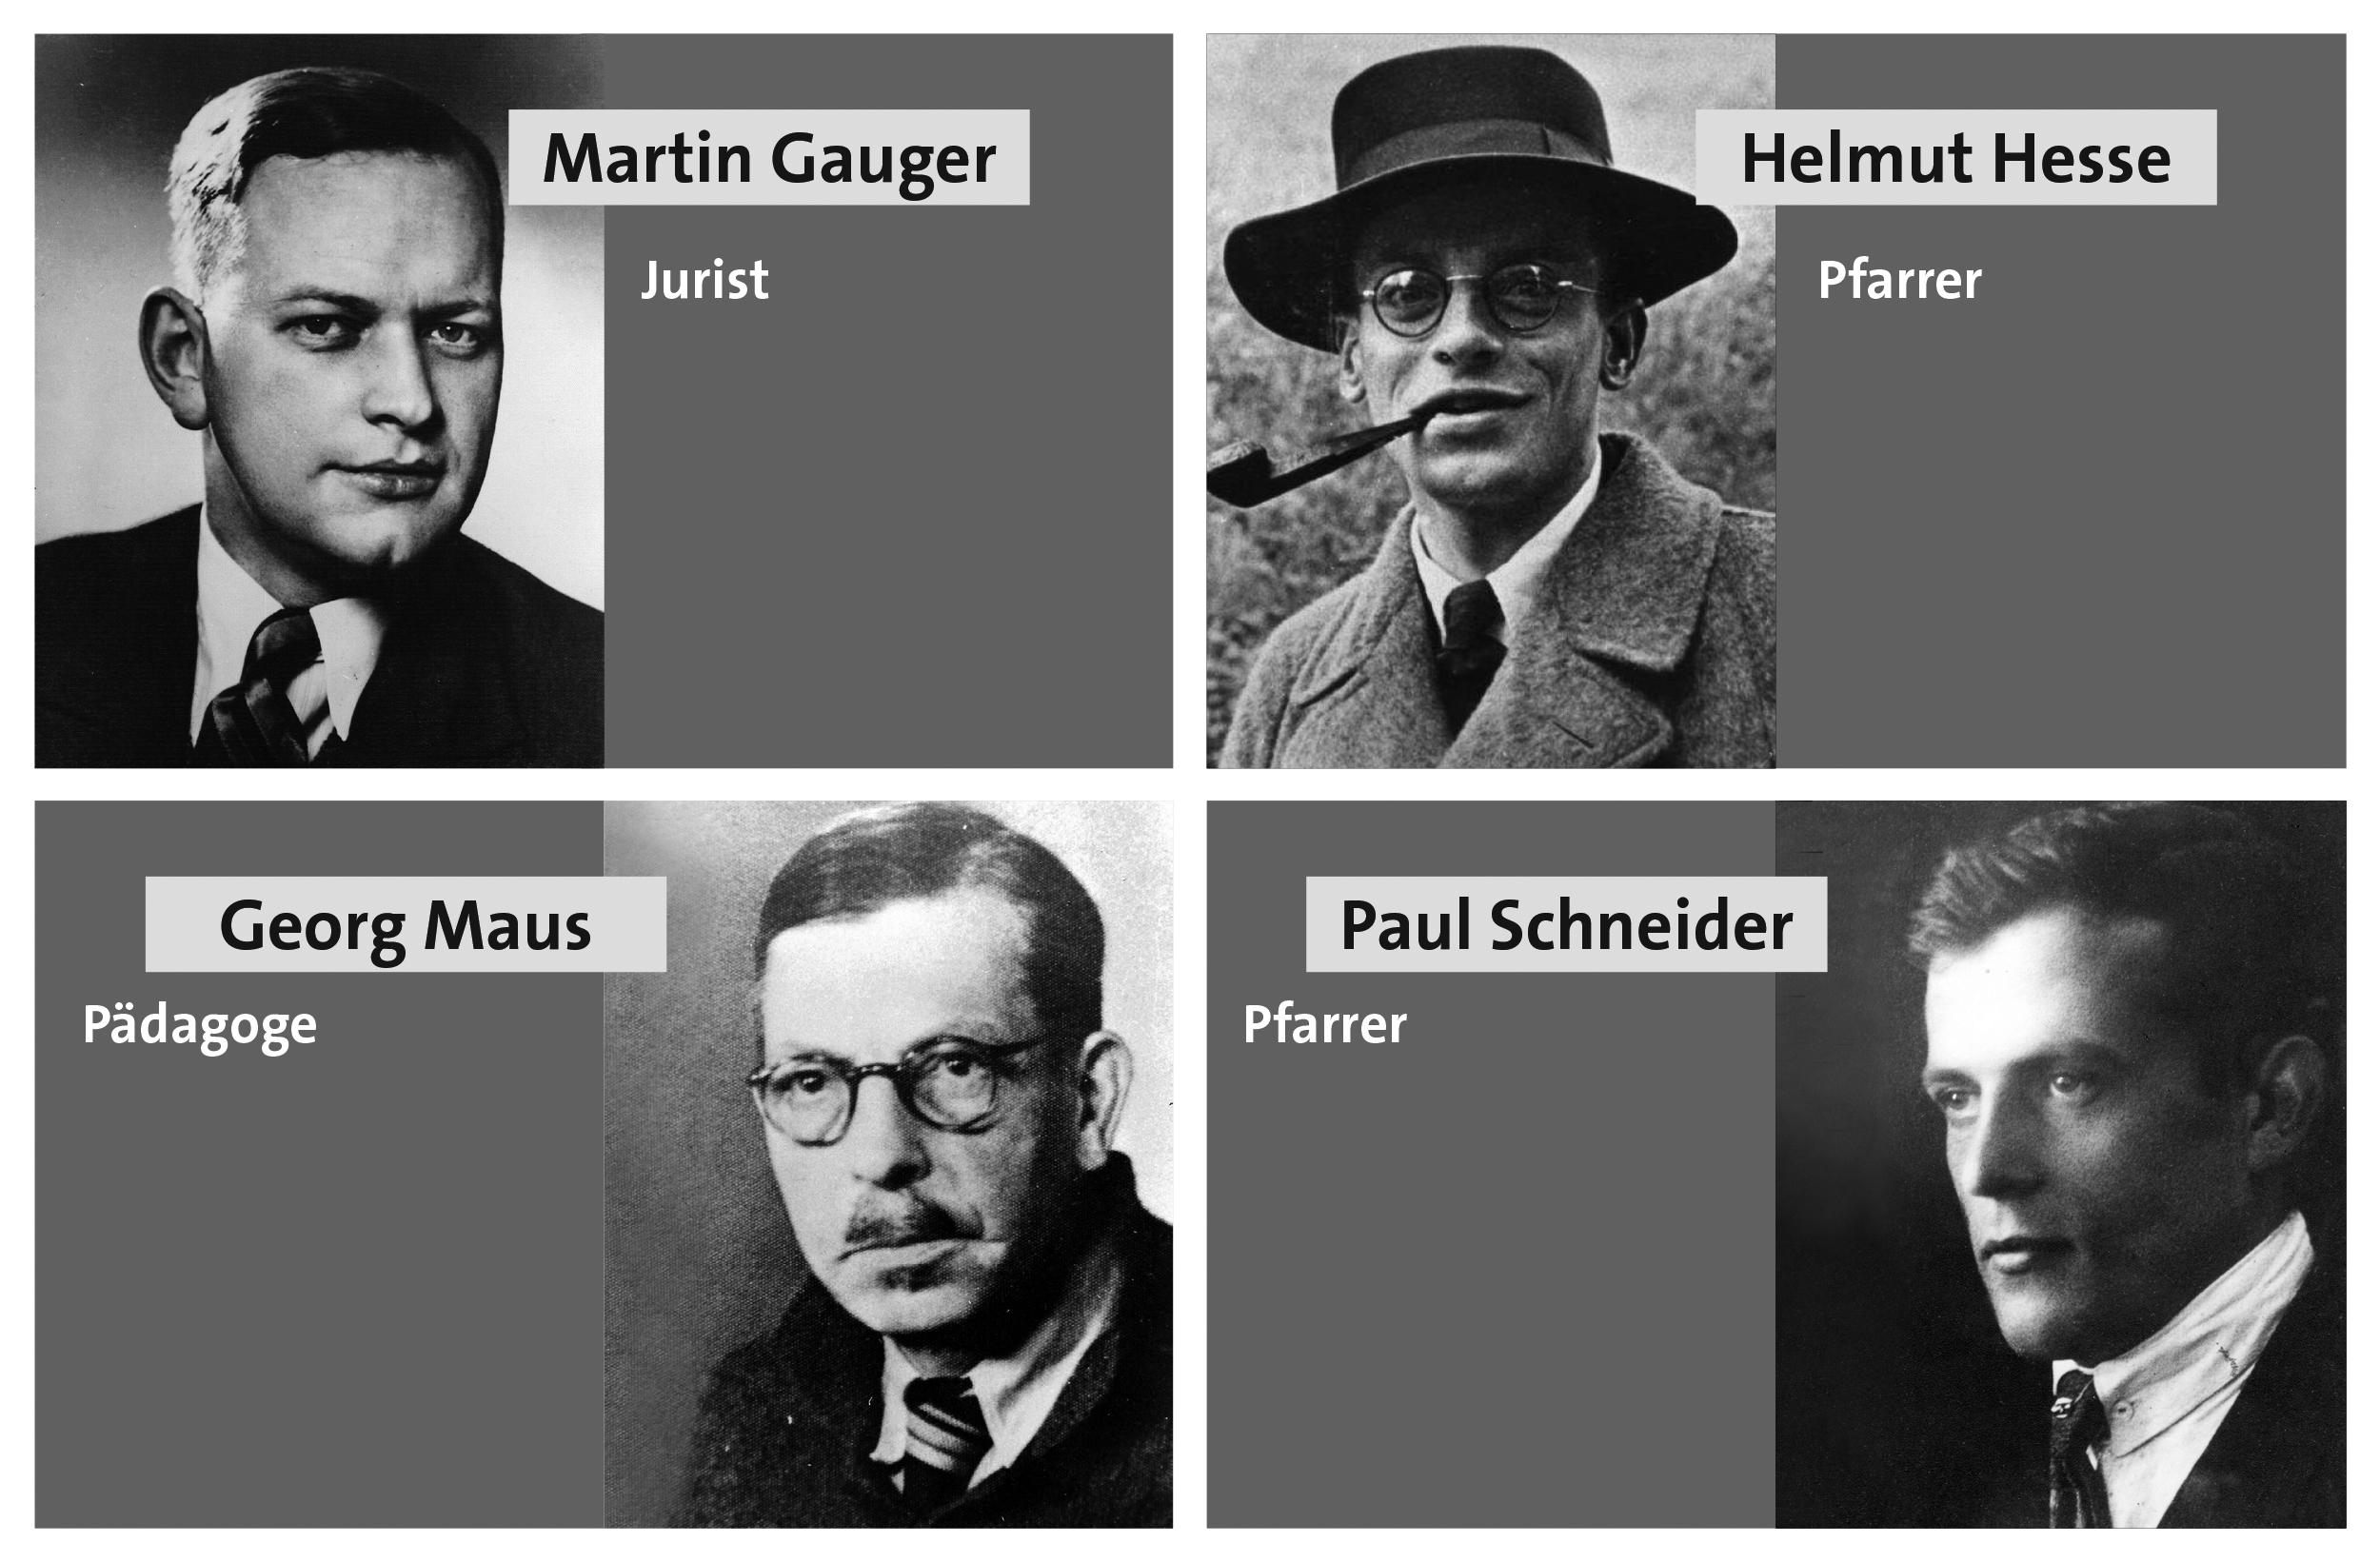 Schneider, Gauger, Hesse und Maus waren überzeugte Christen. Sie schwammen in Nazi-Deutschland gegen den Strom und bezahlten das mit ihrem Leben.